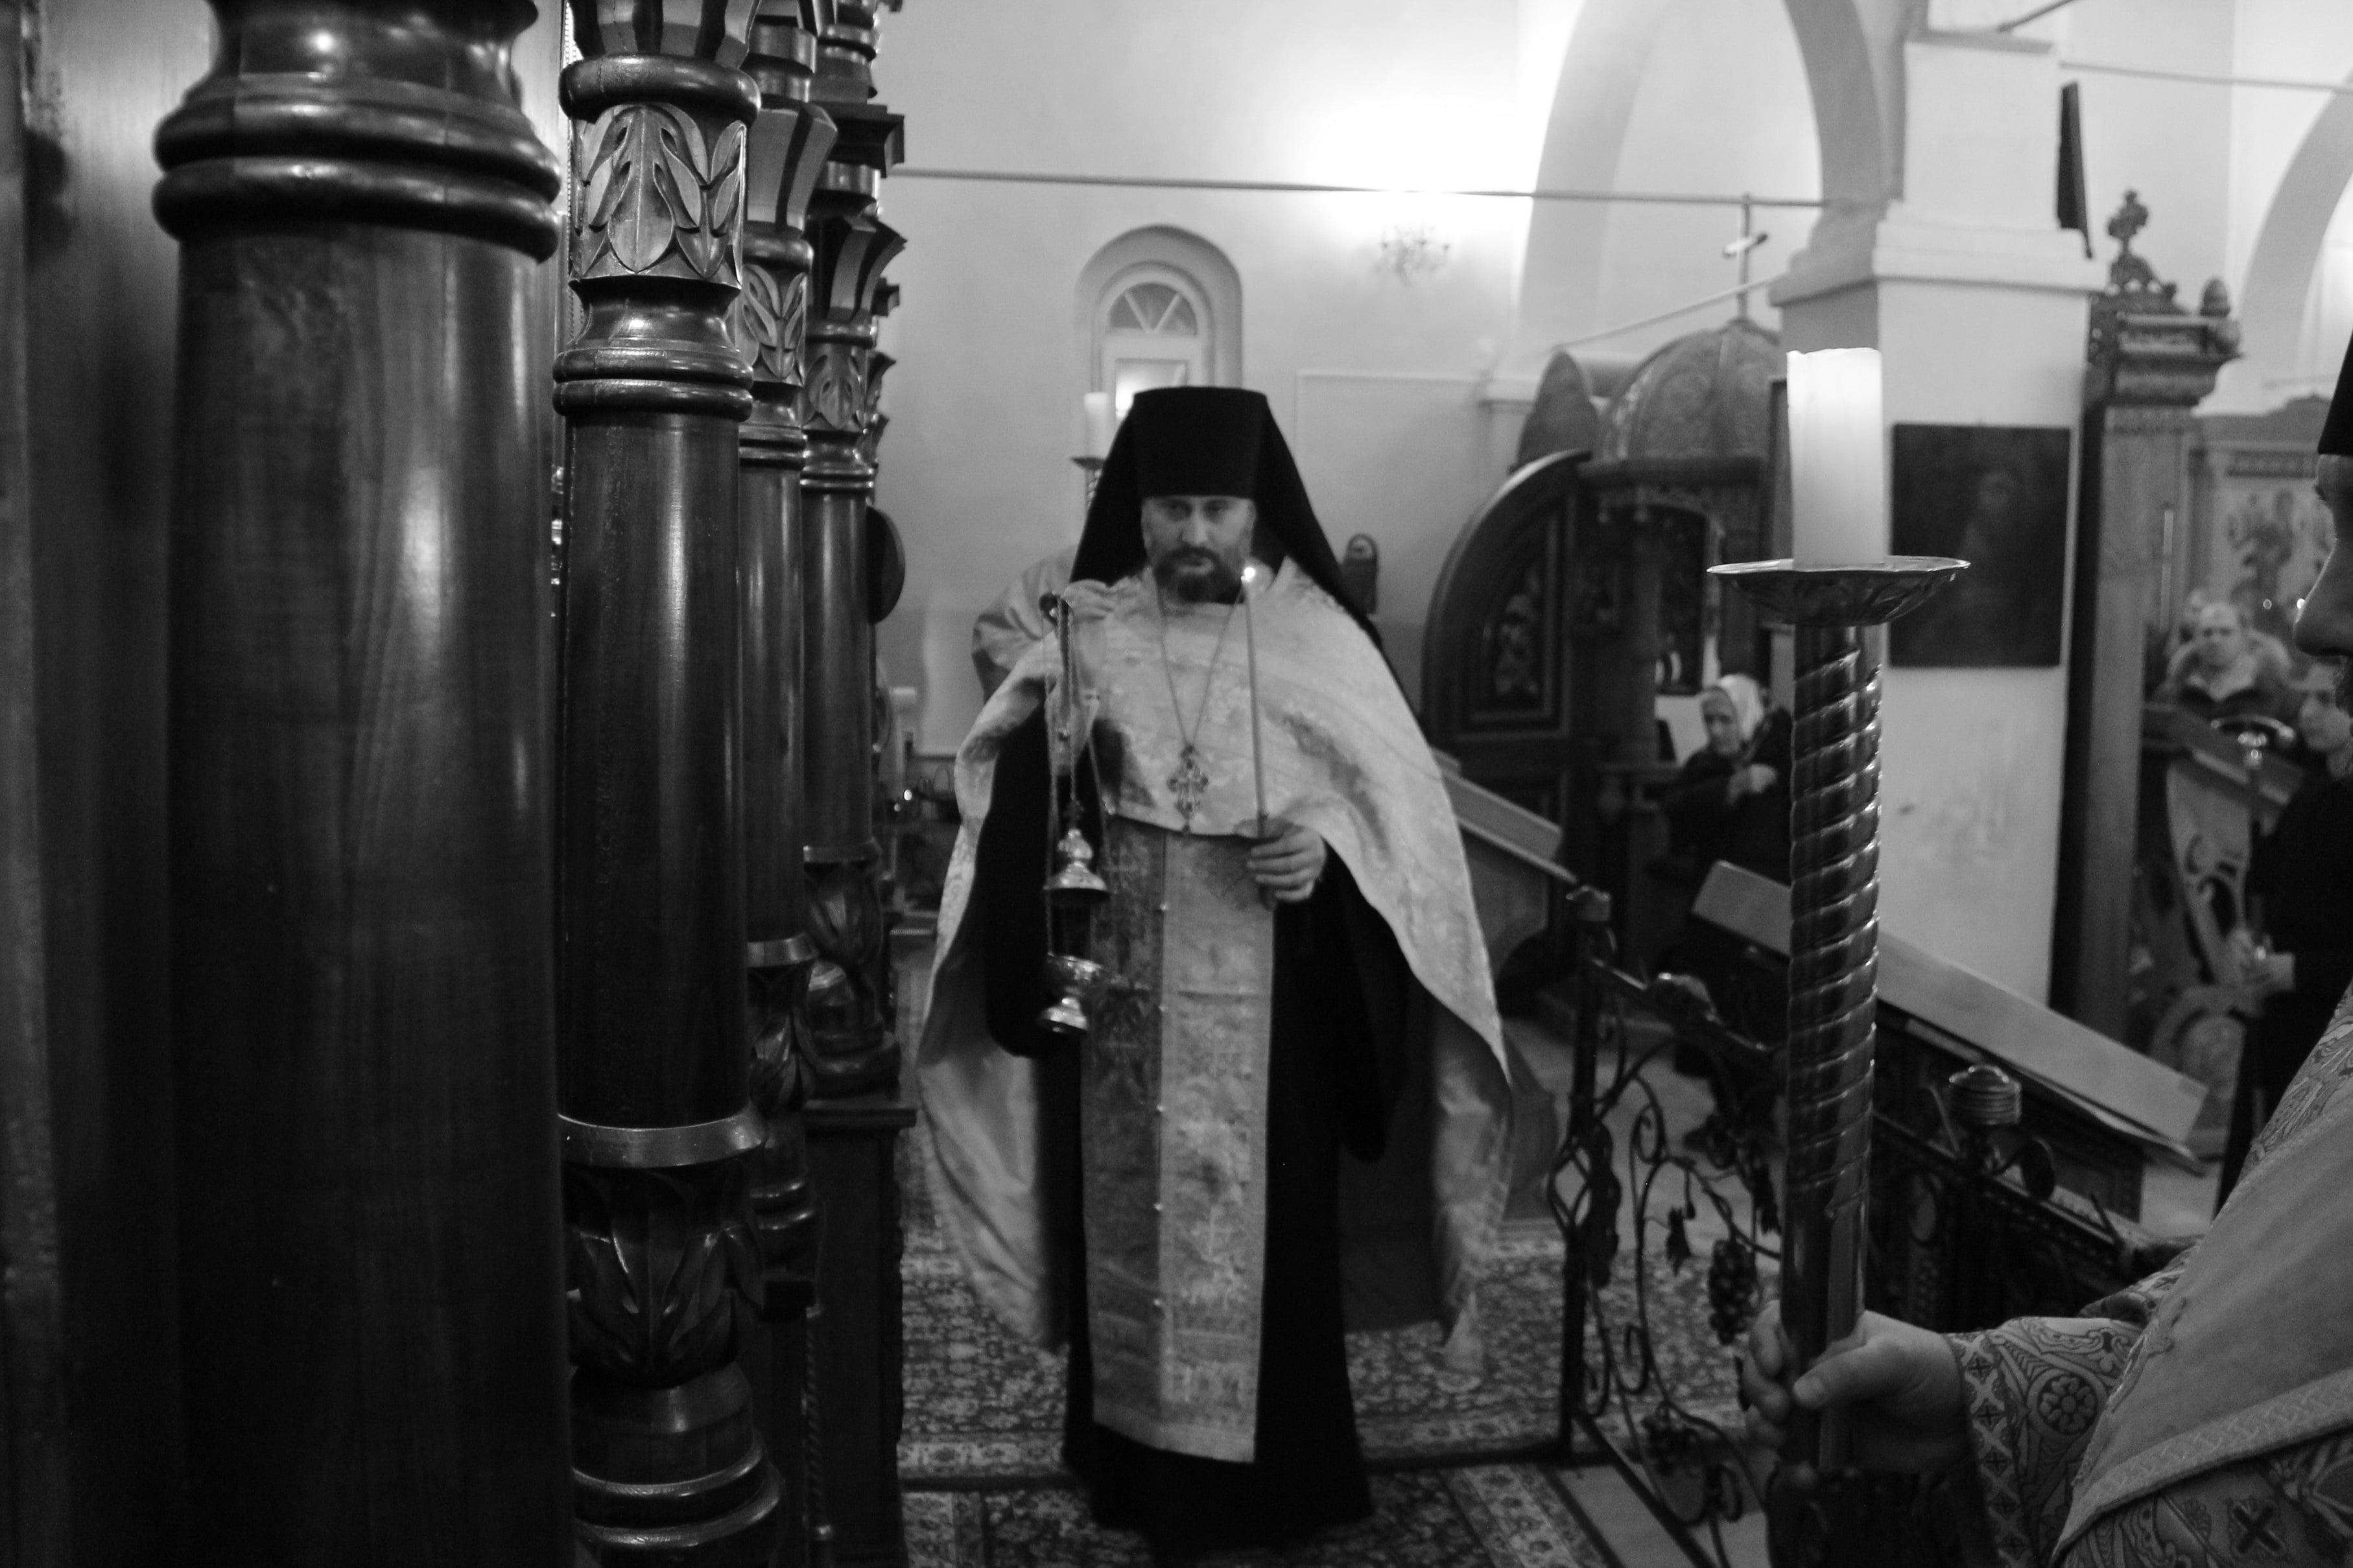 http://monuspen.ru/photoreports/ca3cfa76dabb081e45b240f799db68f2.JPG